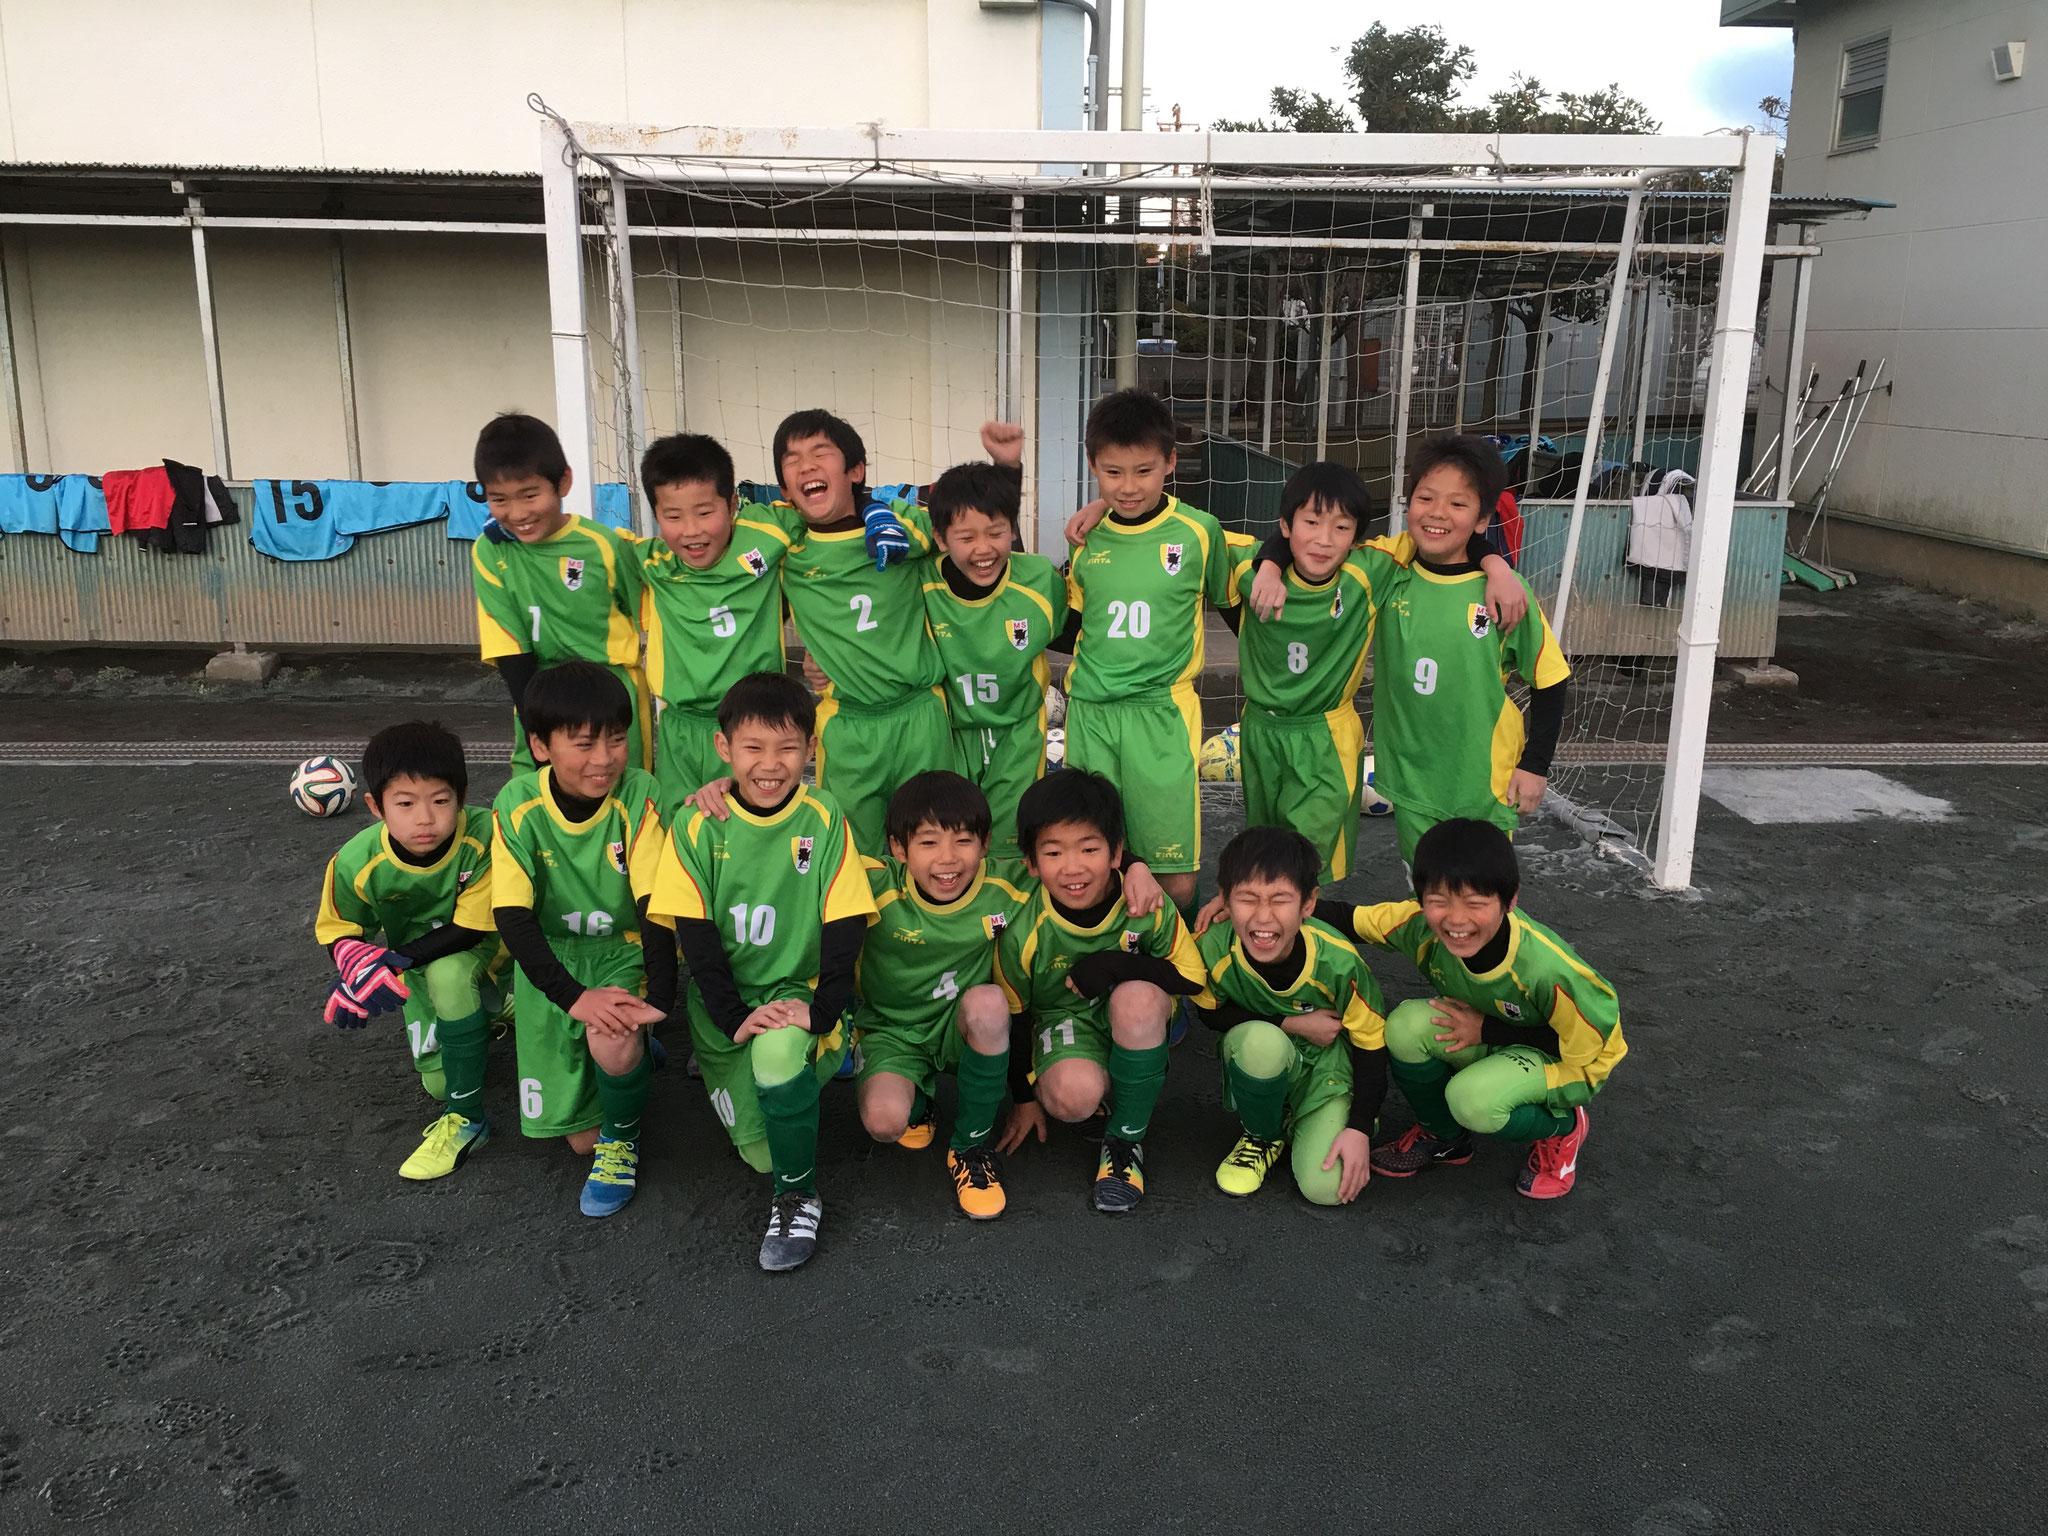 2016年度藤沢市市民サッカー大会 3年生の部 優勝